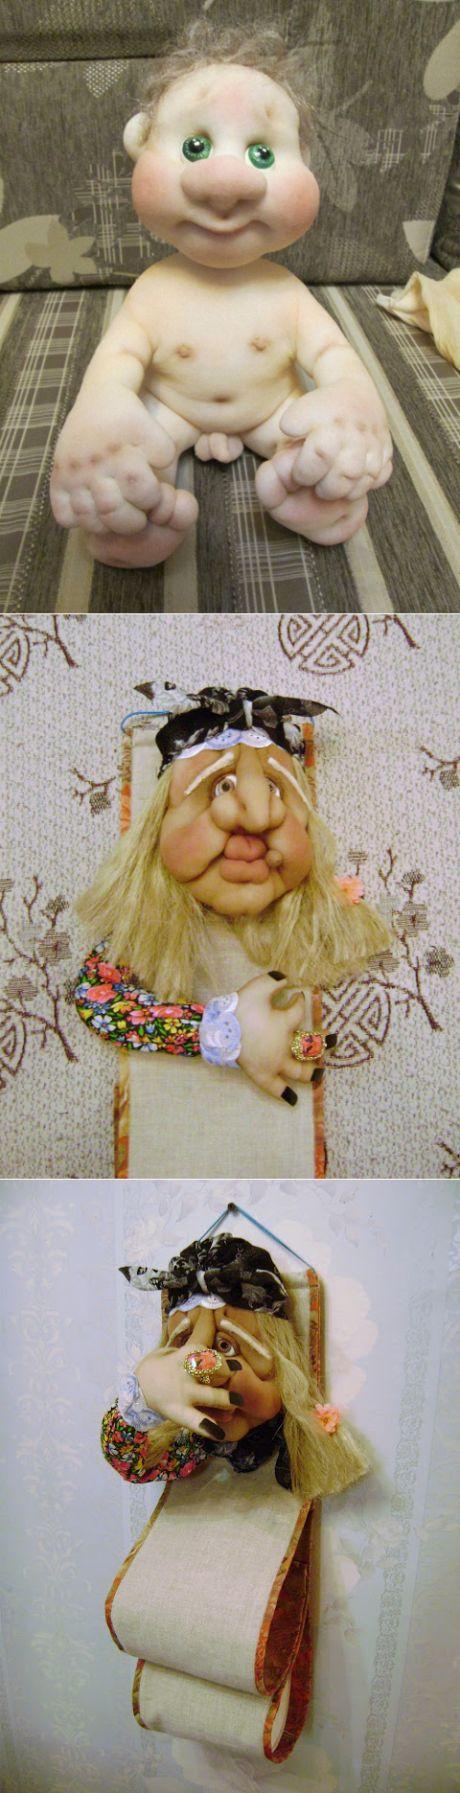 Разные МК по куклам из капрона часть 2 - Сайт pawy3!